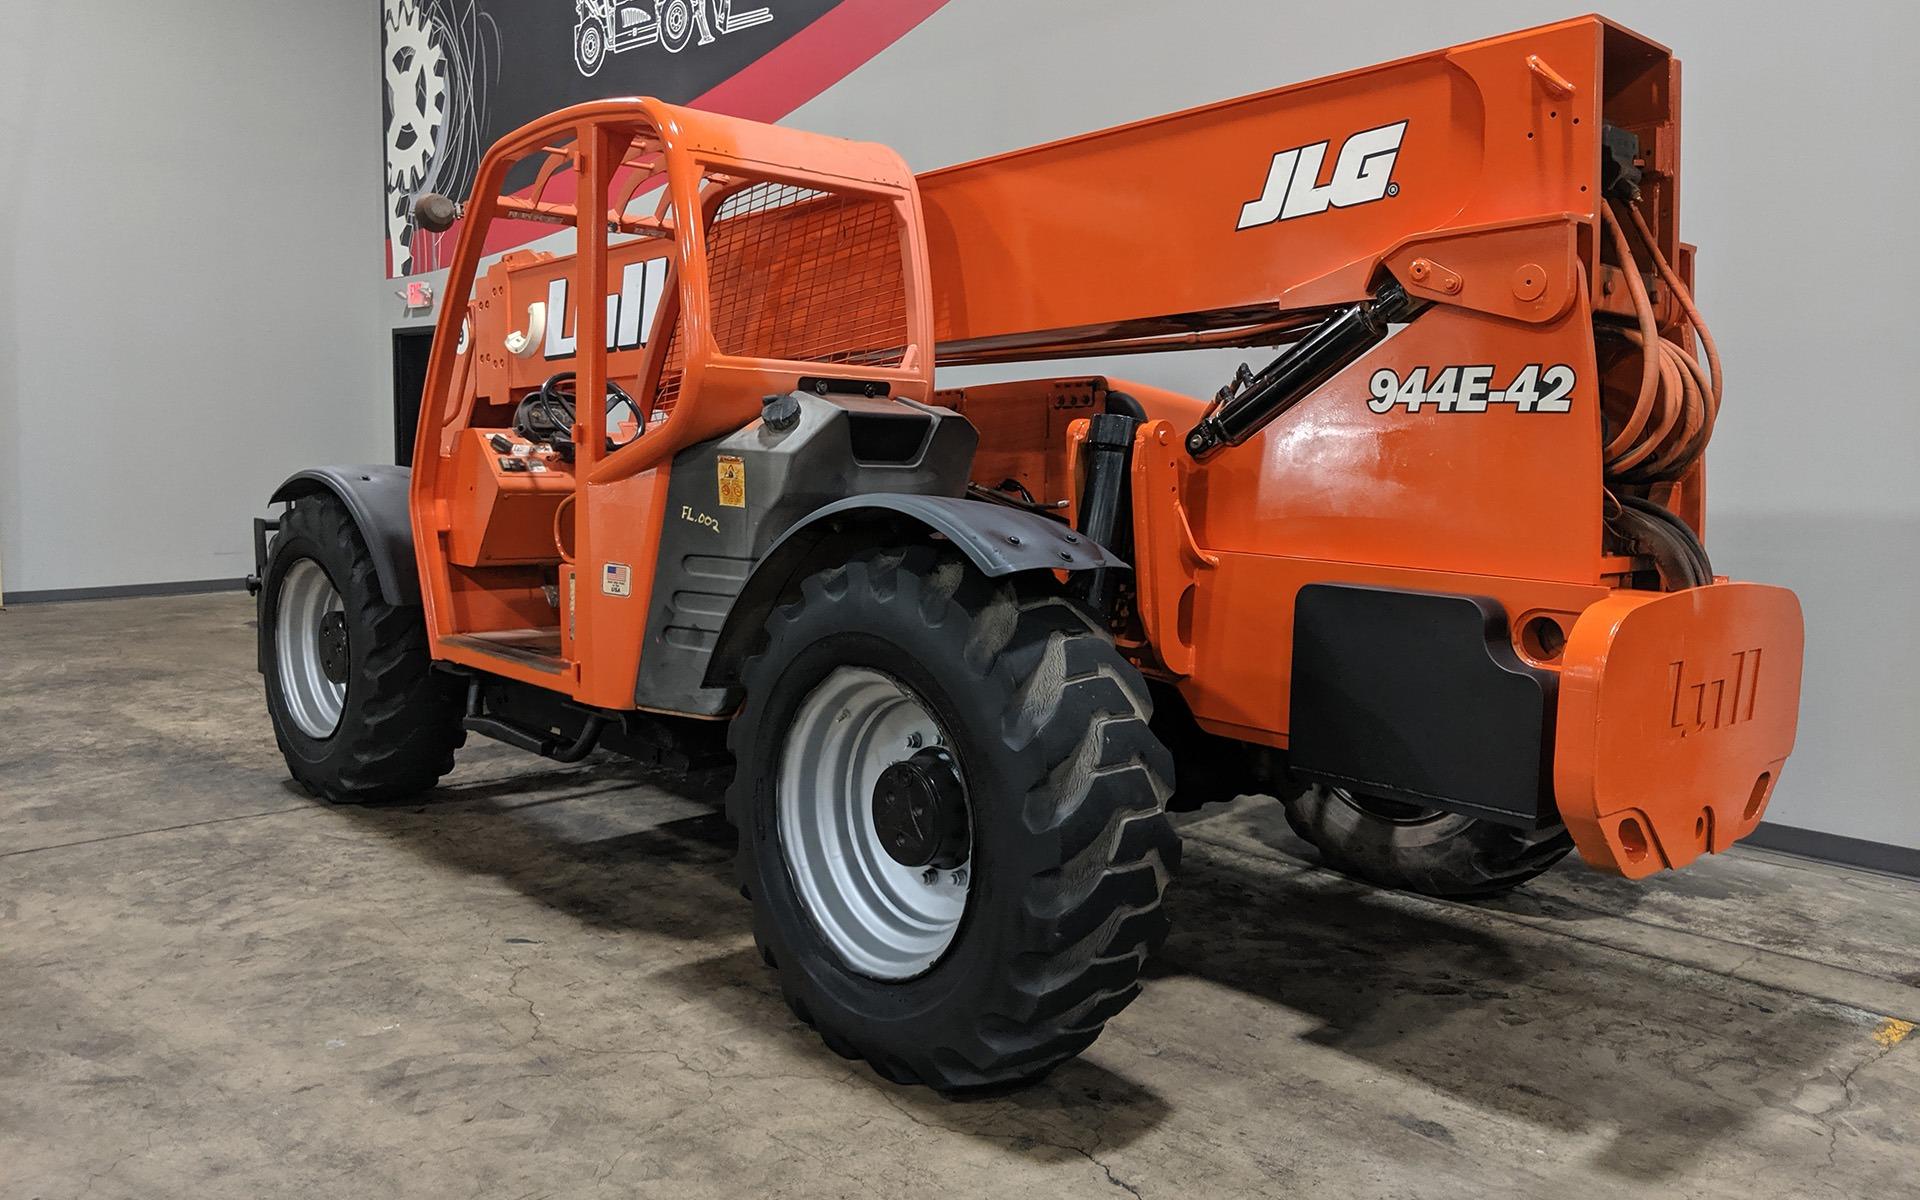 Used 2004 LULL 944E-42  | Cary, IL